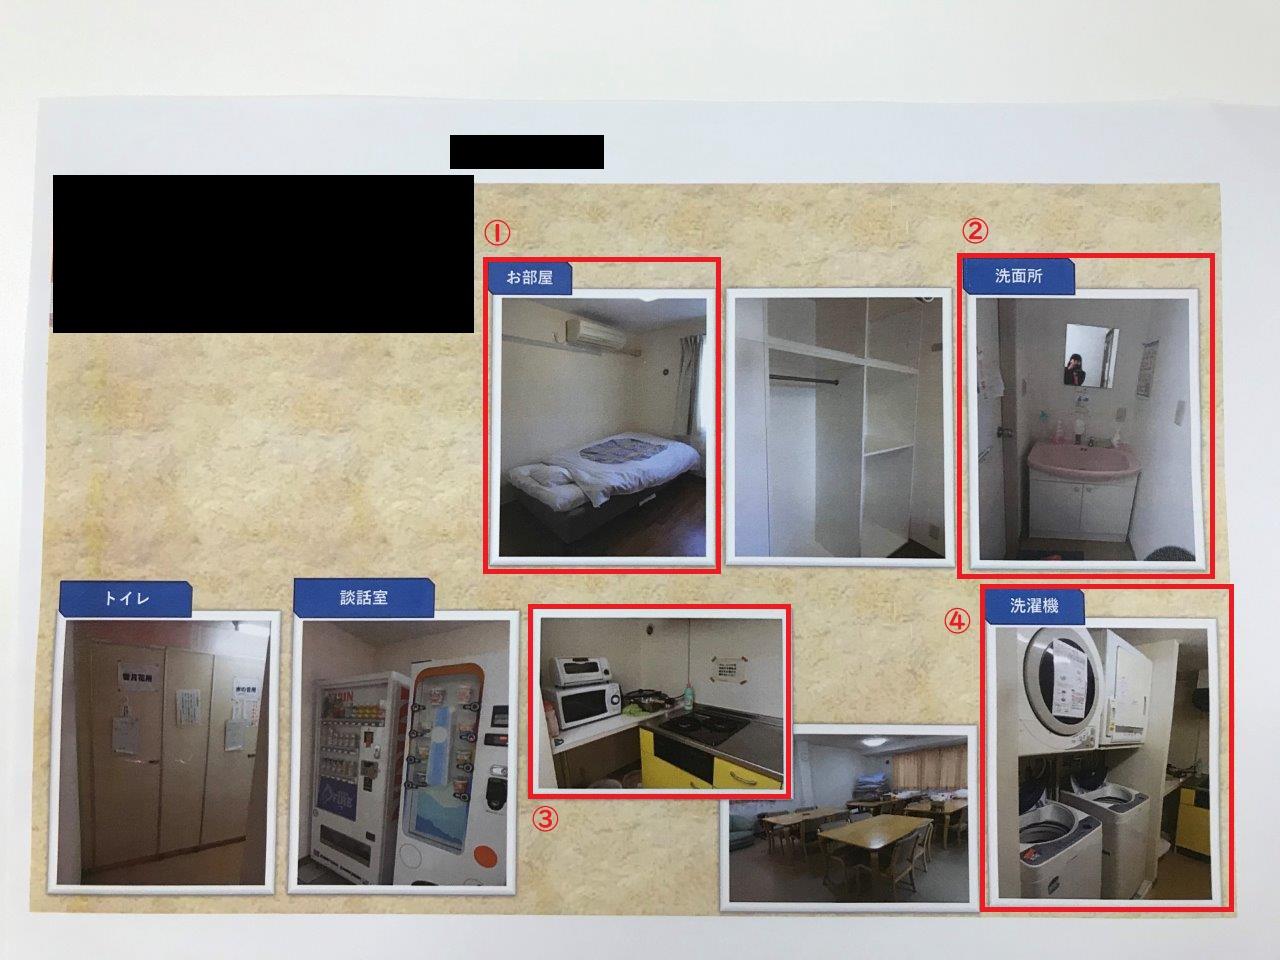 アルファリゾートの部屋写真の見分け方